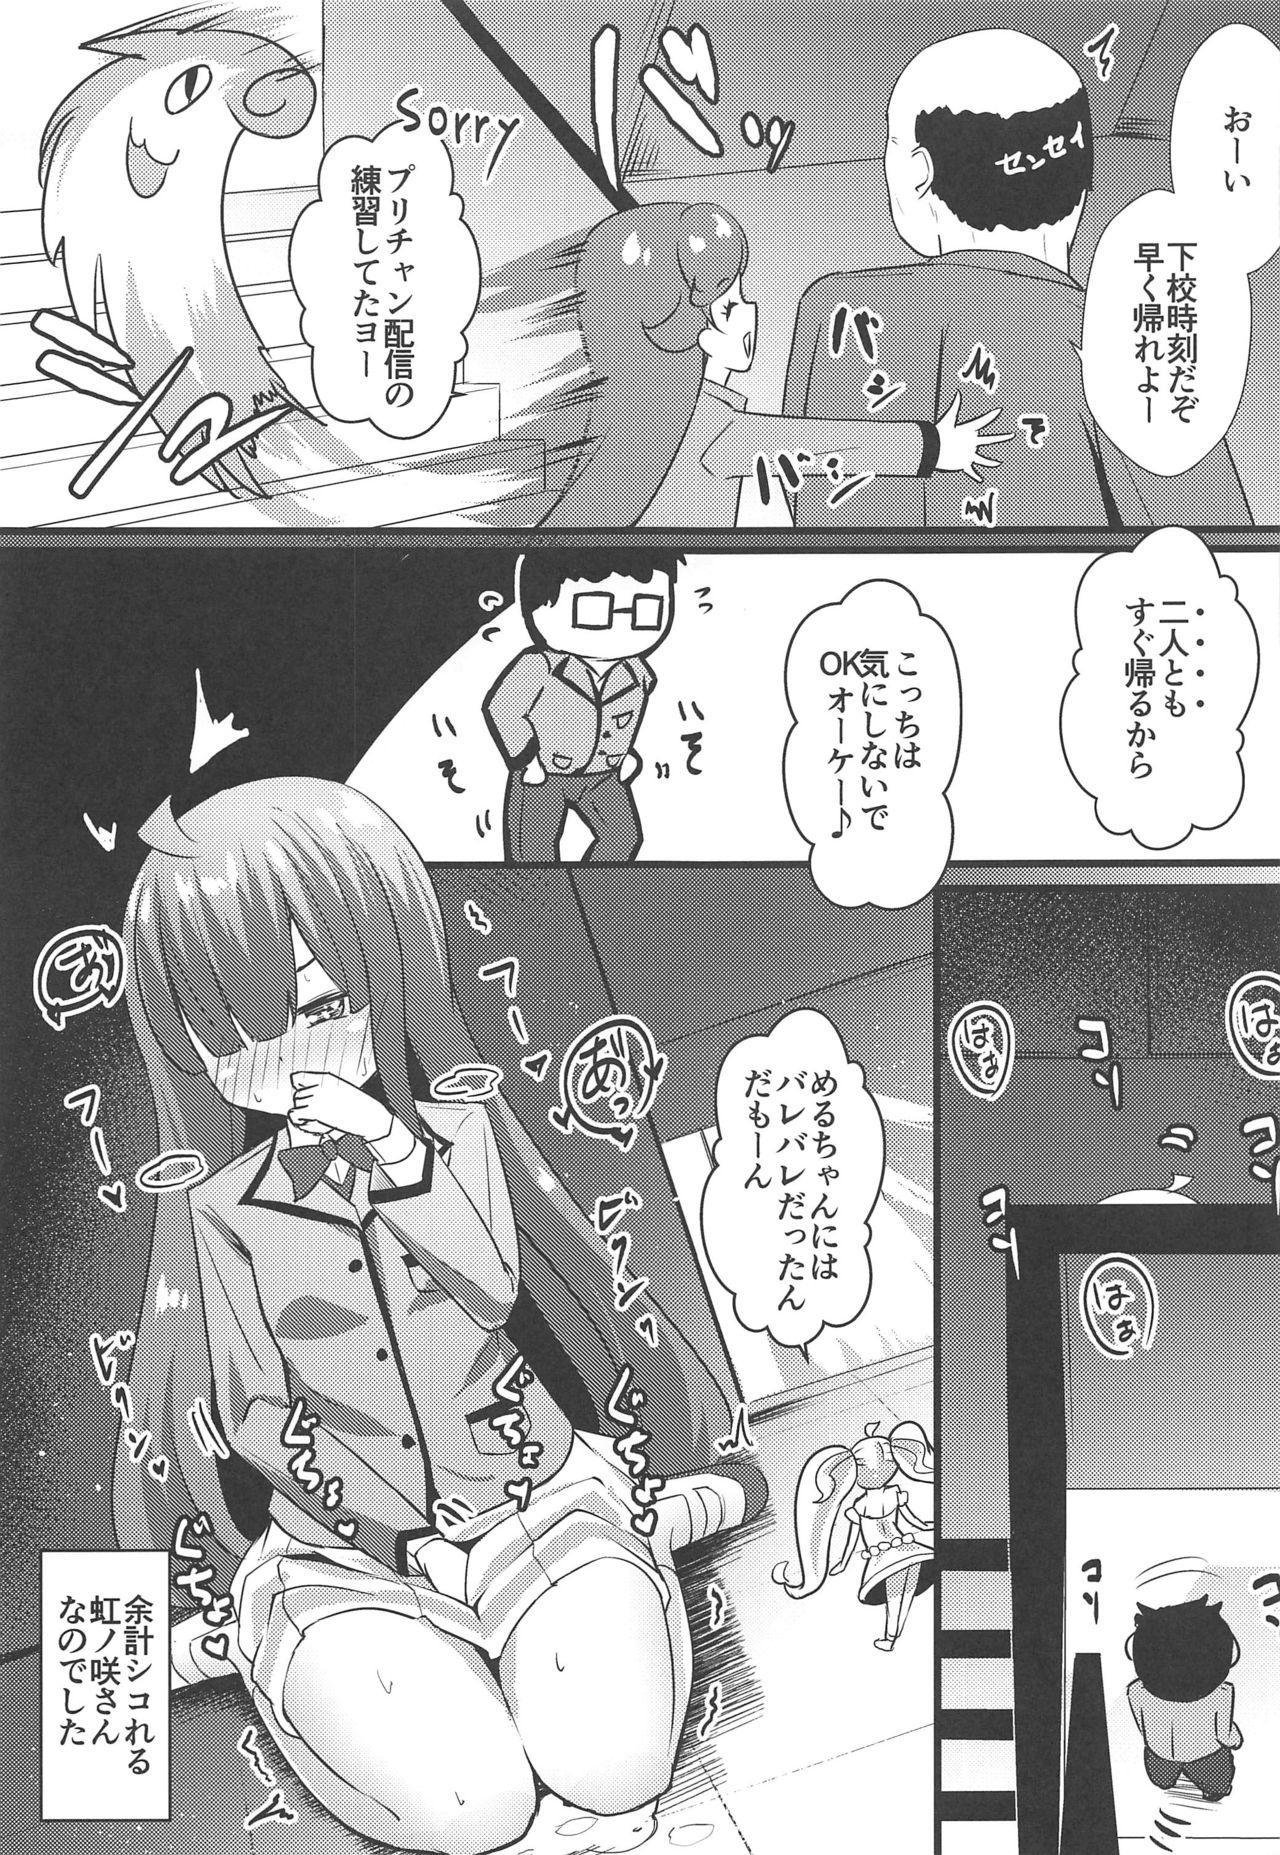 Classmate no Shiou-san ni Tanomikonde Ecchi na Koto o Shite Morau Hon + C97 Rakugaki Omake Hon 19